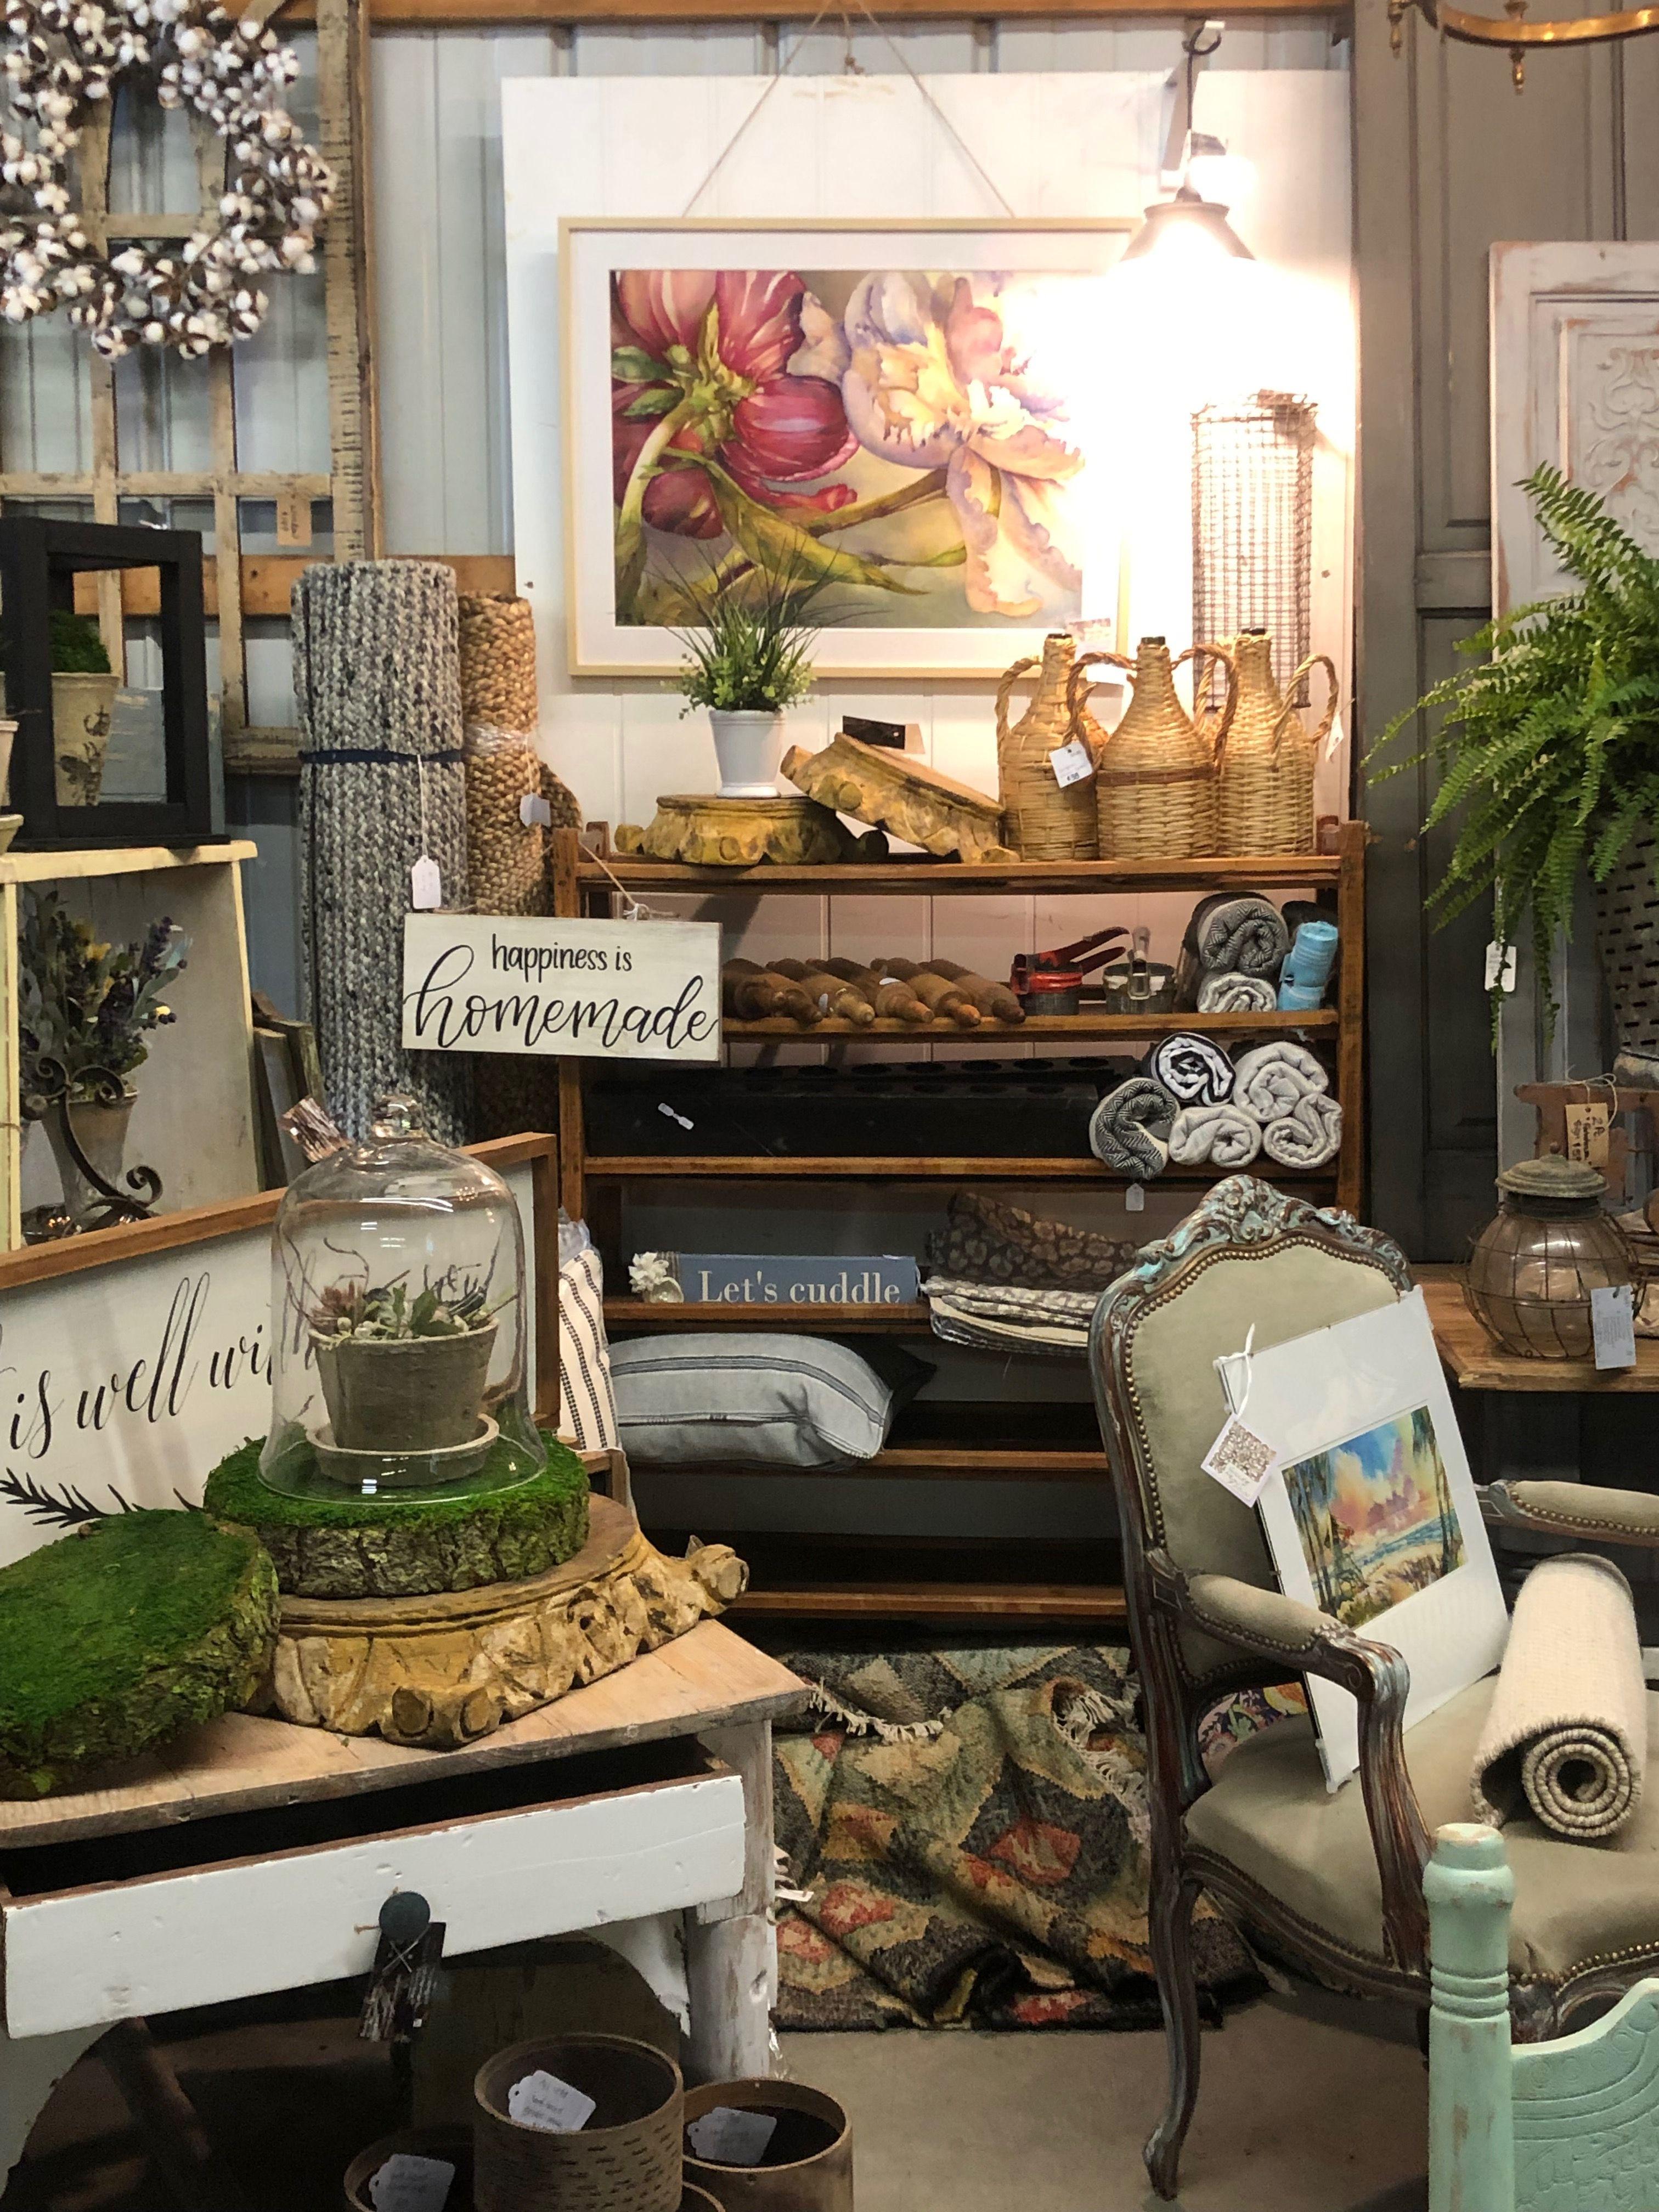 Home Vintage Display American Decor Artisan